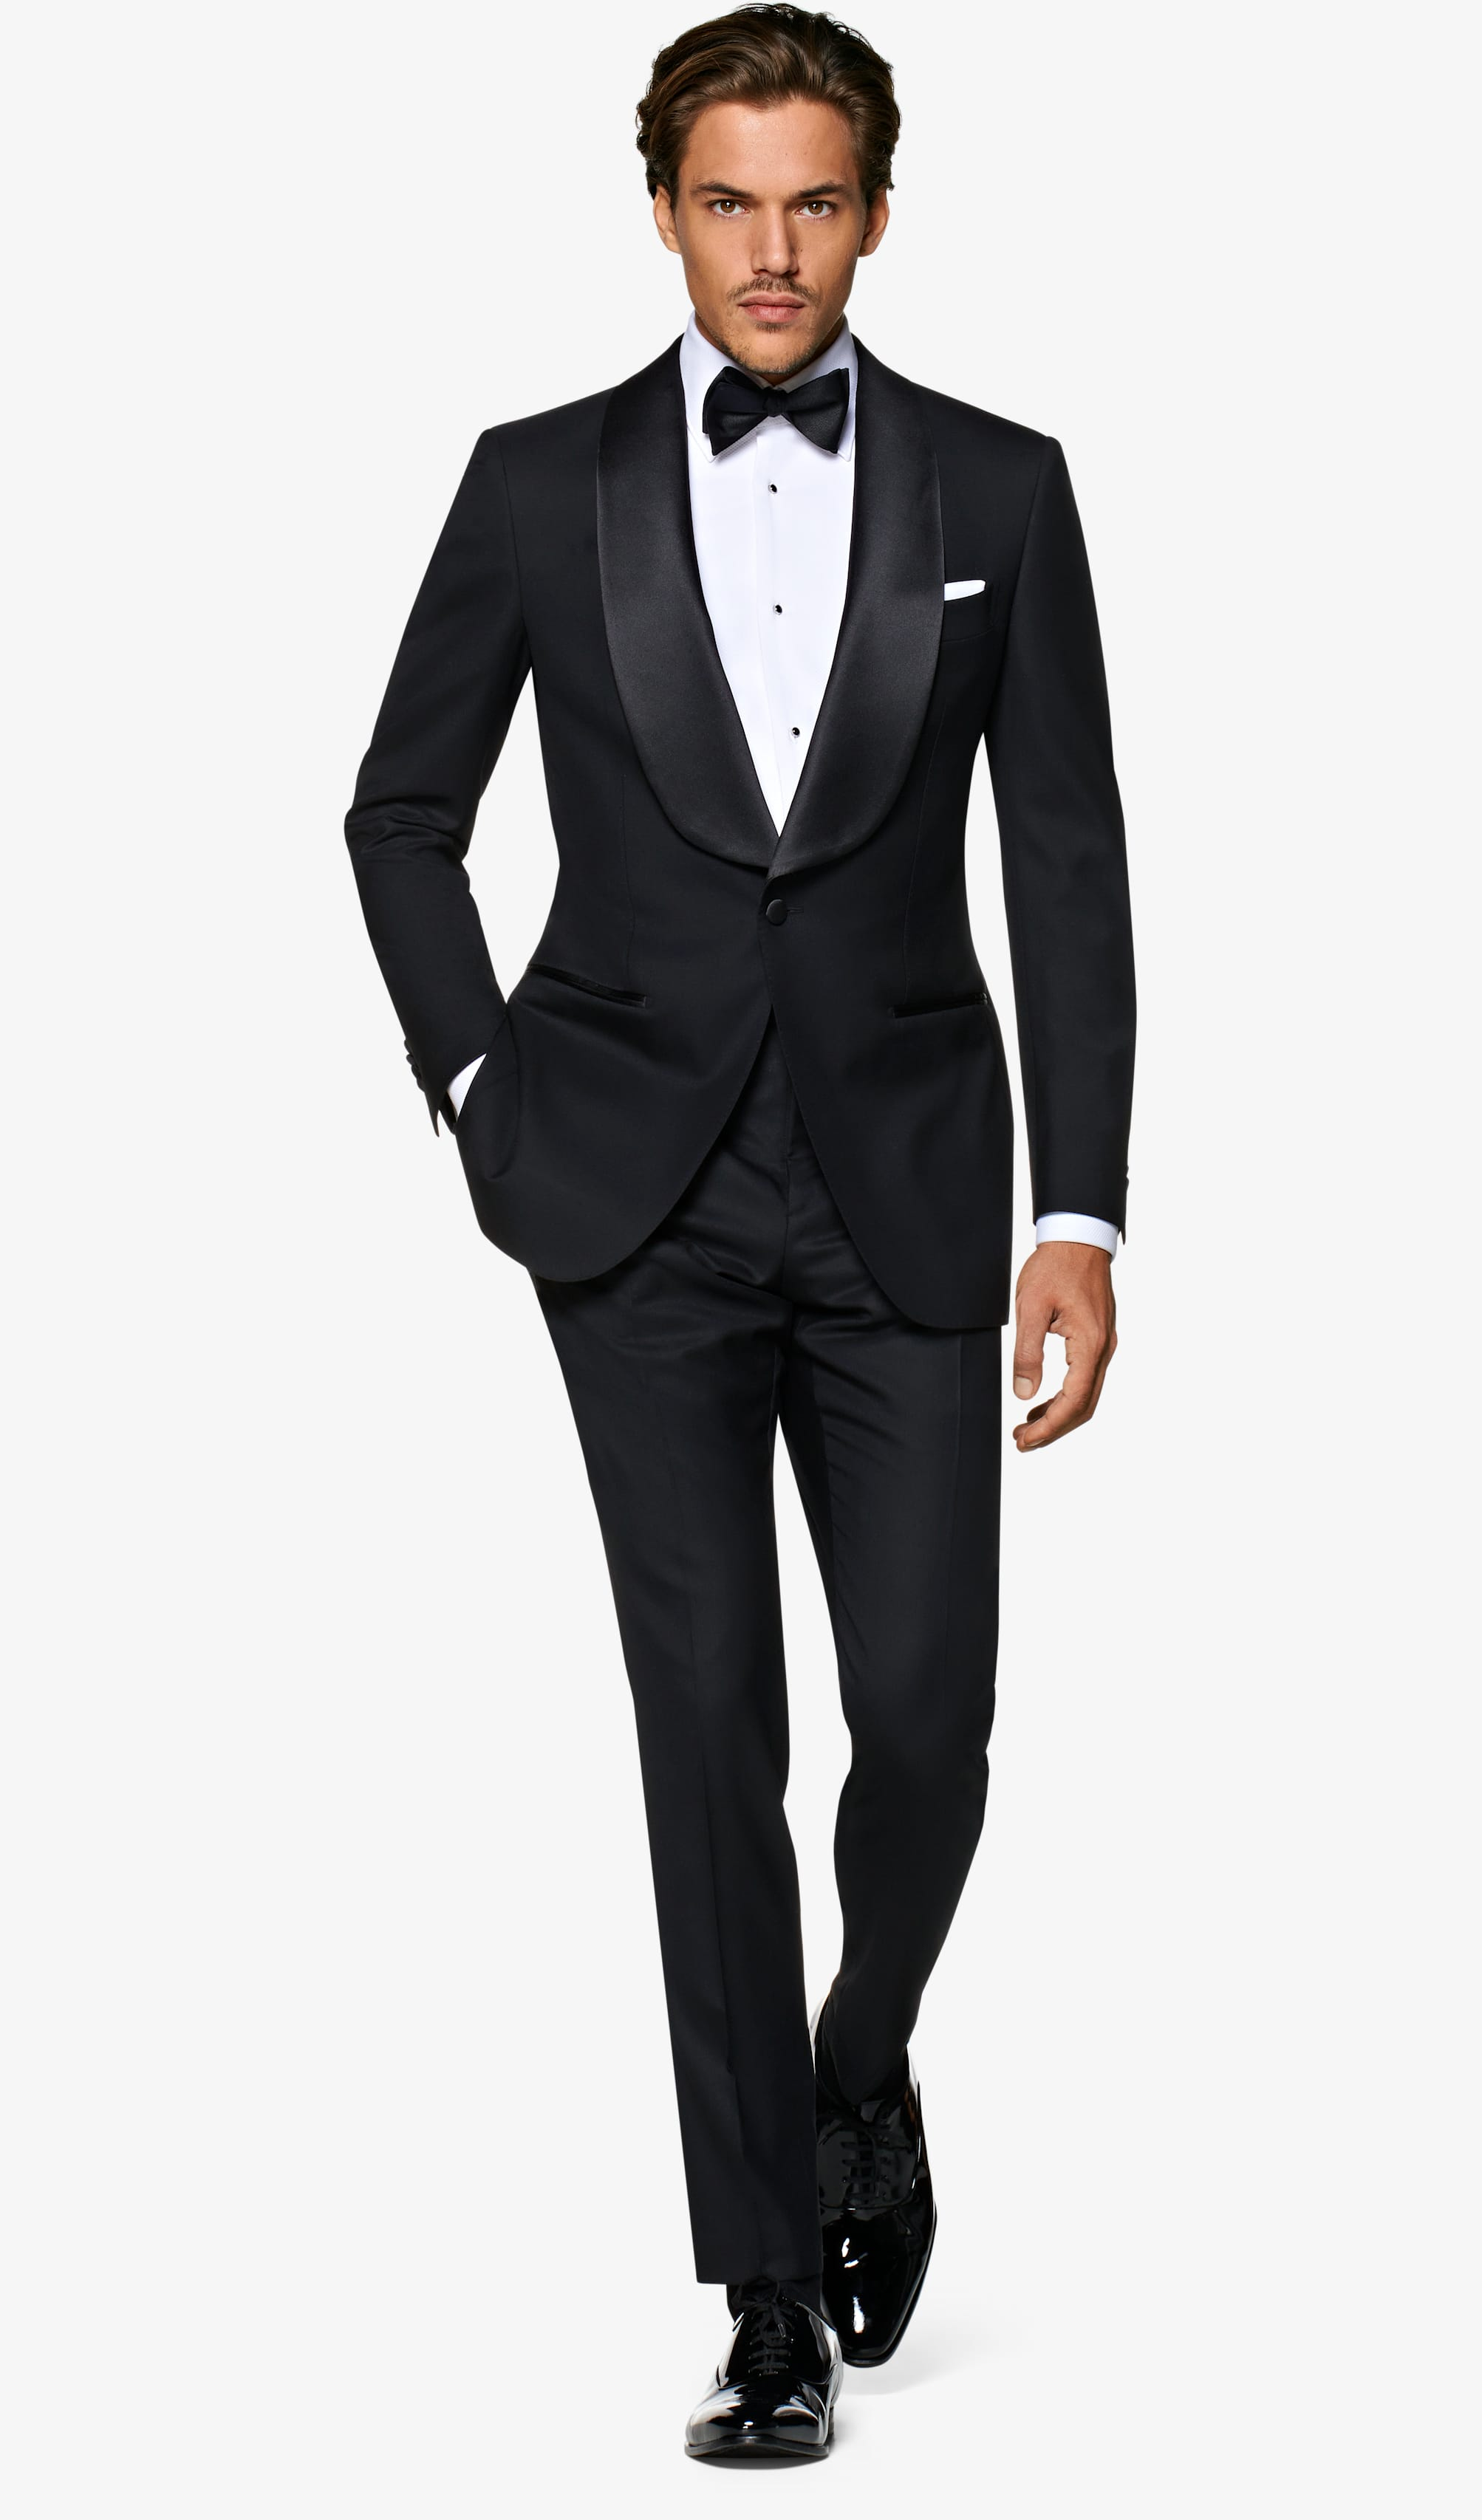 Suit_Black_Plain_Washington_P5481I